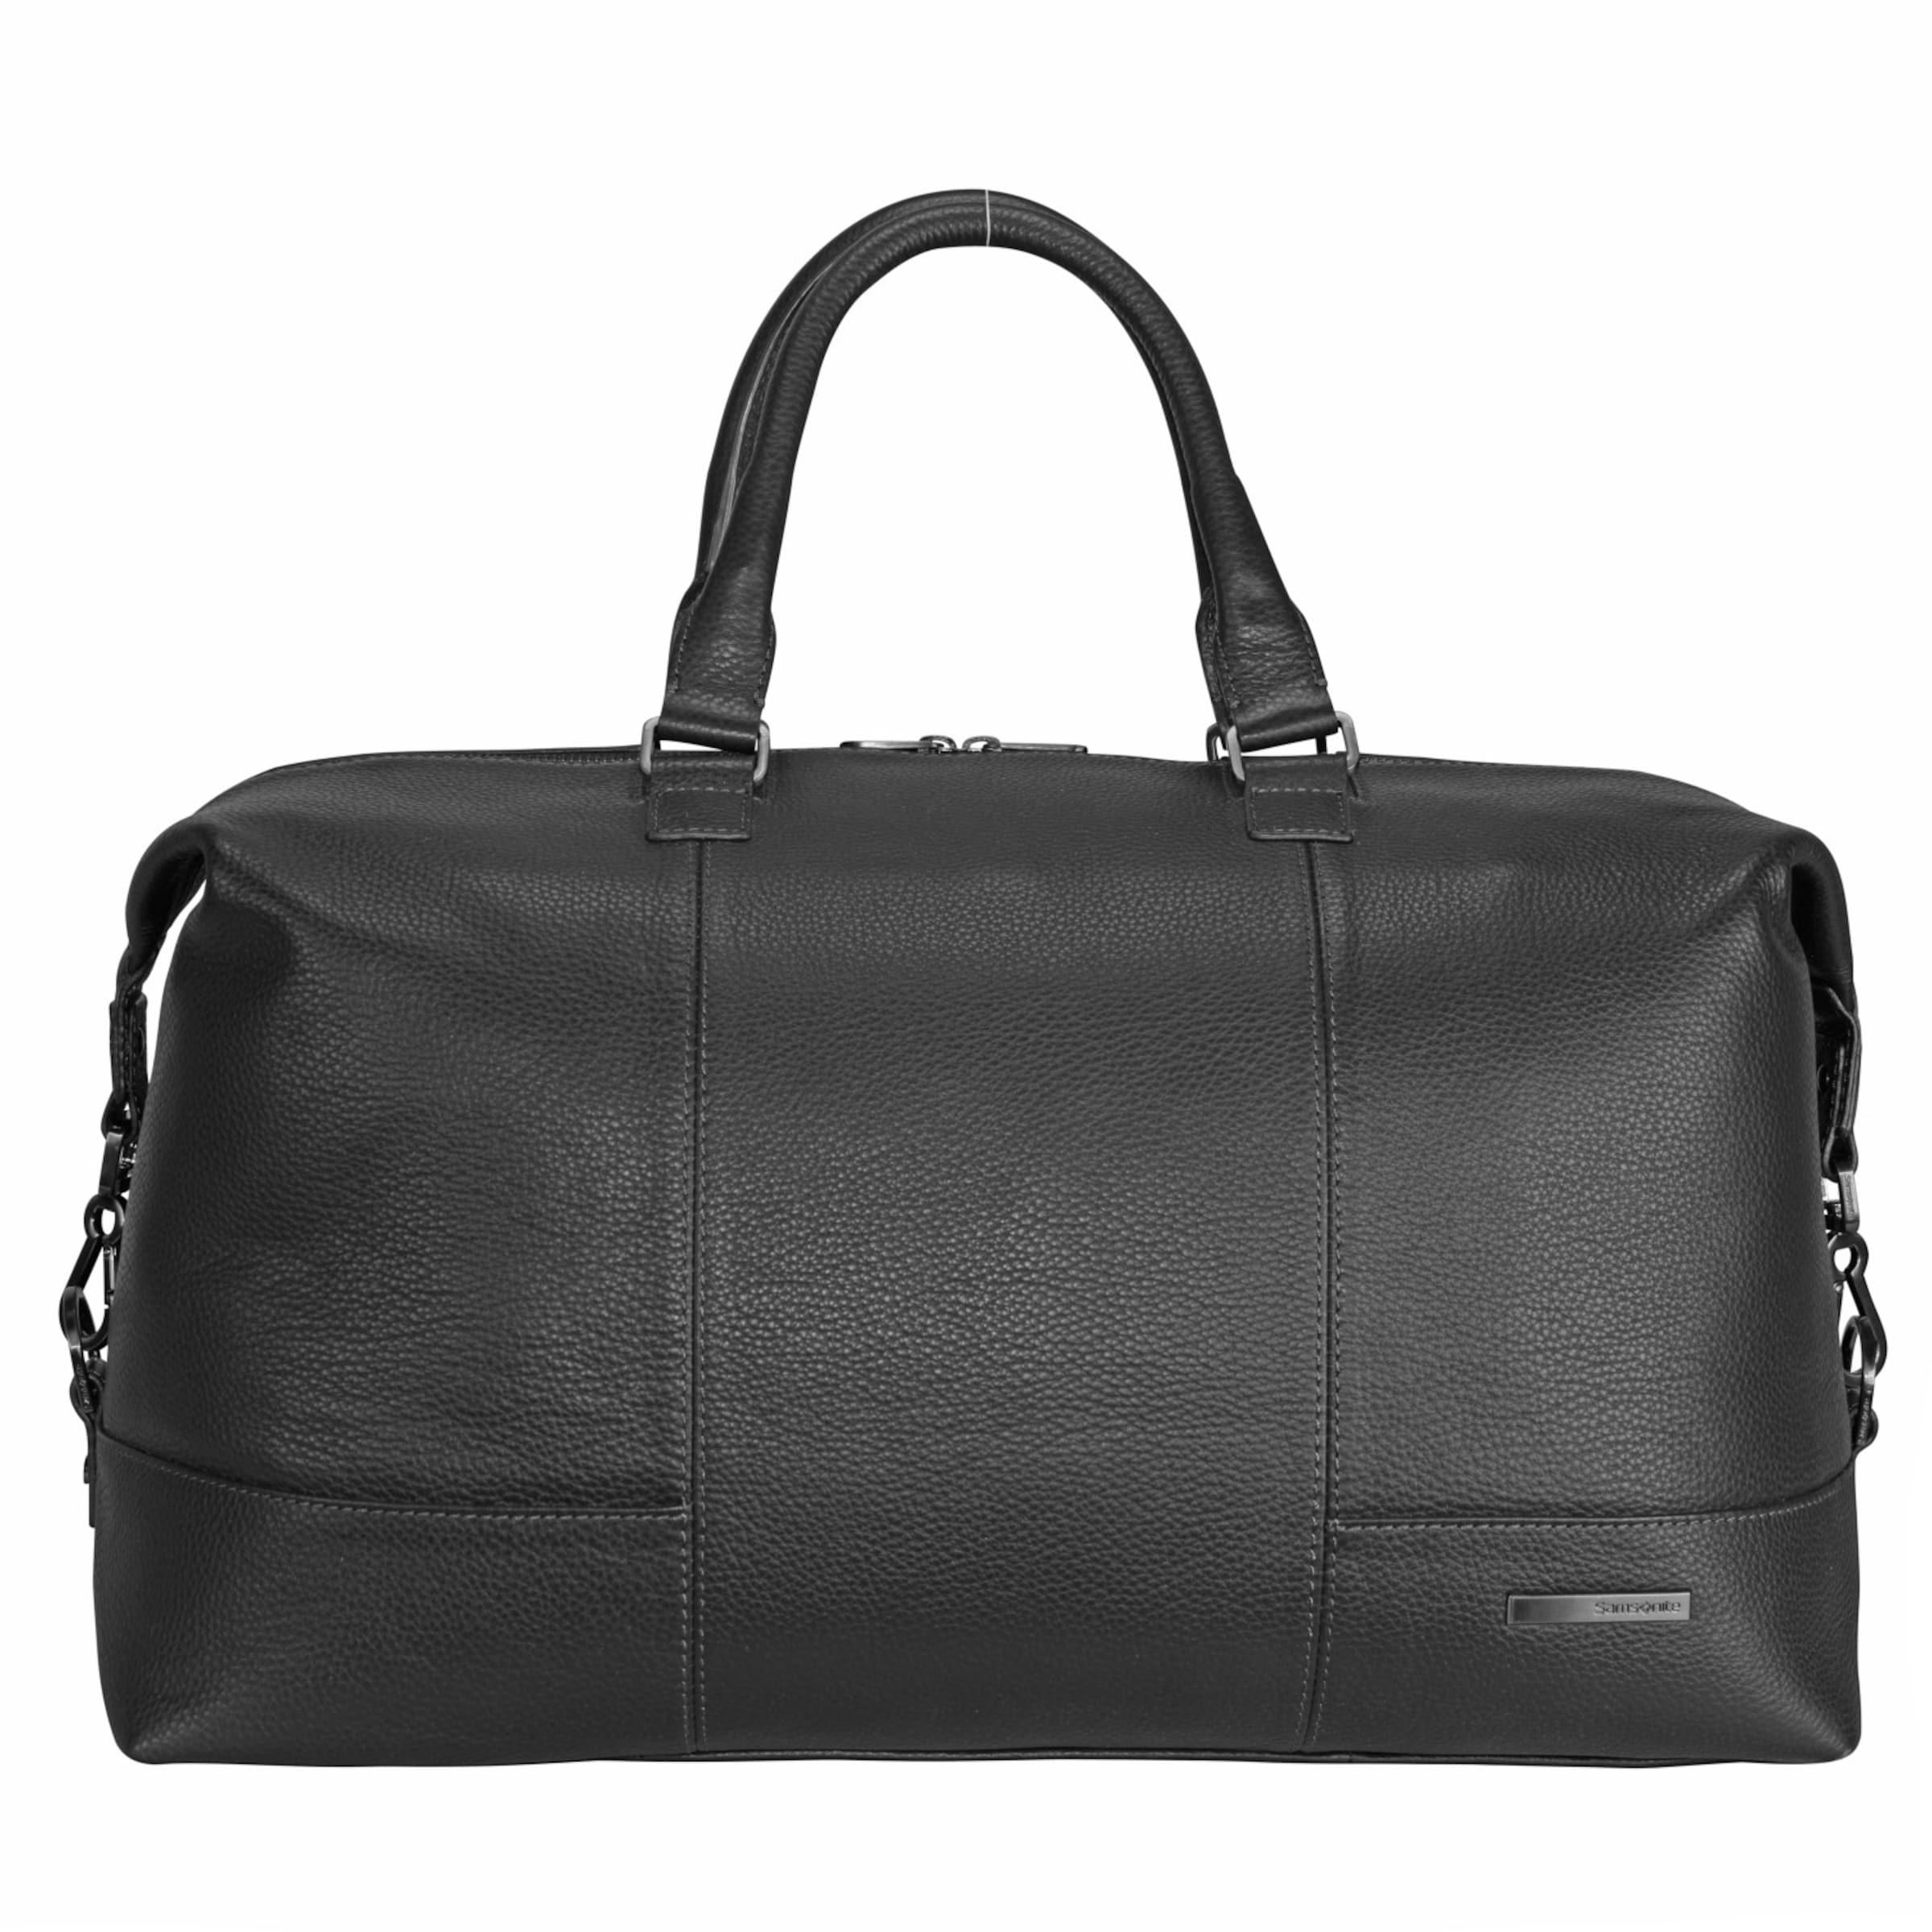 SAMSONITE Equinox Weekender Reisetasche Leder 52 cm Günstig Kaufen Verkauf Bester Großhandel Günstig Online Niedrigster Preis Verkauf Online Aaa Qualität NOErJn